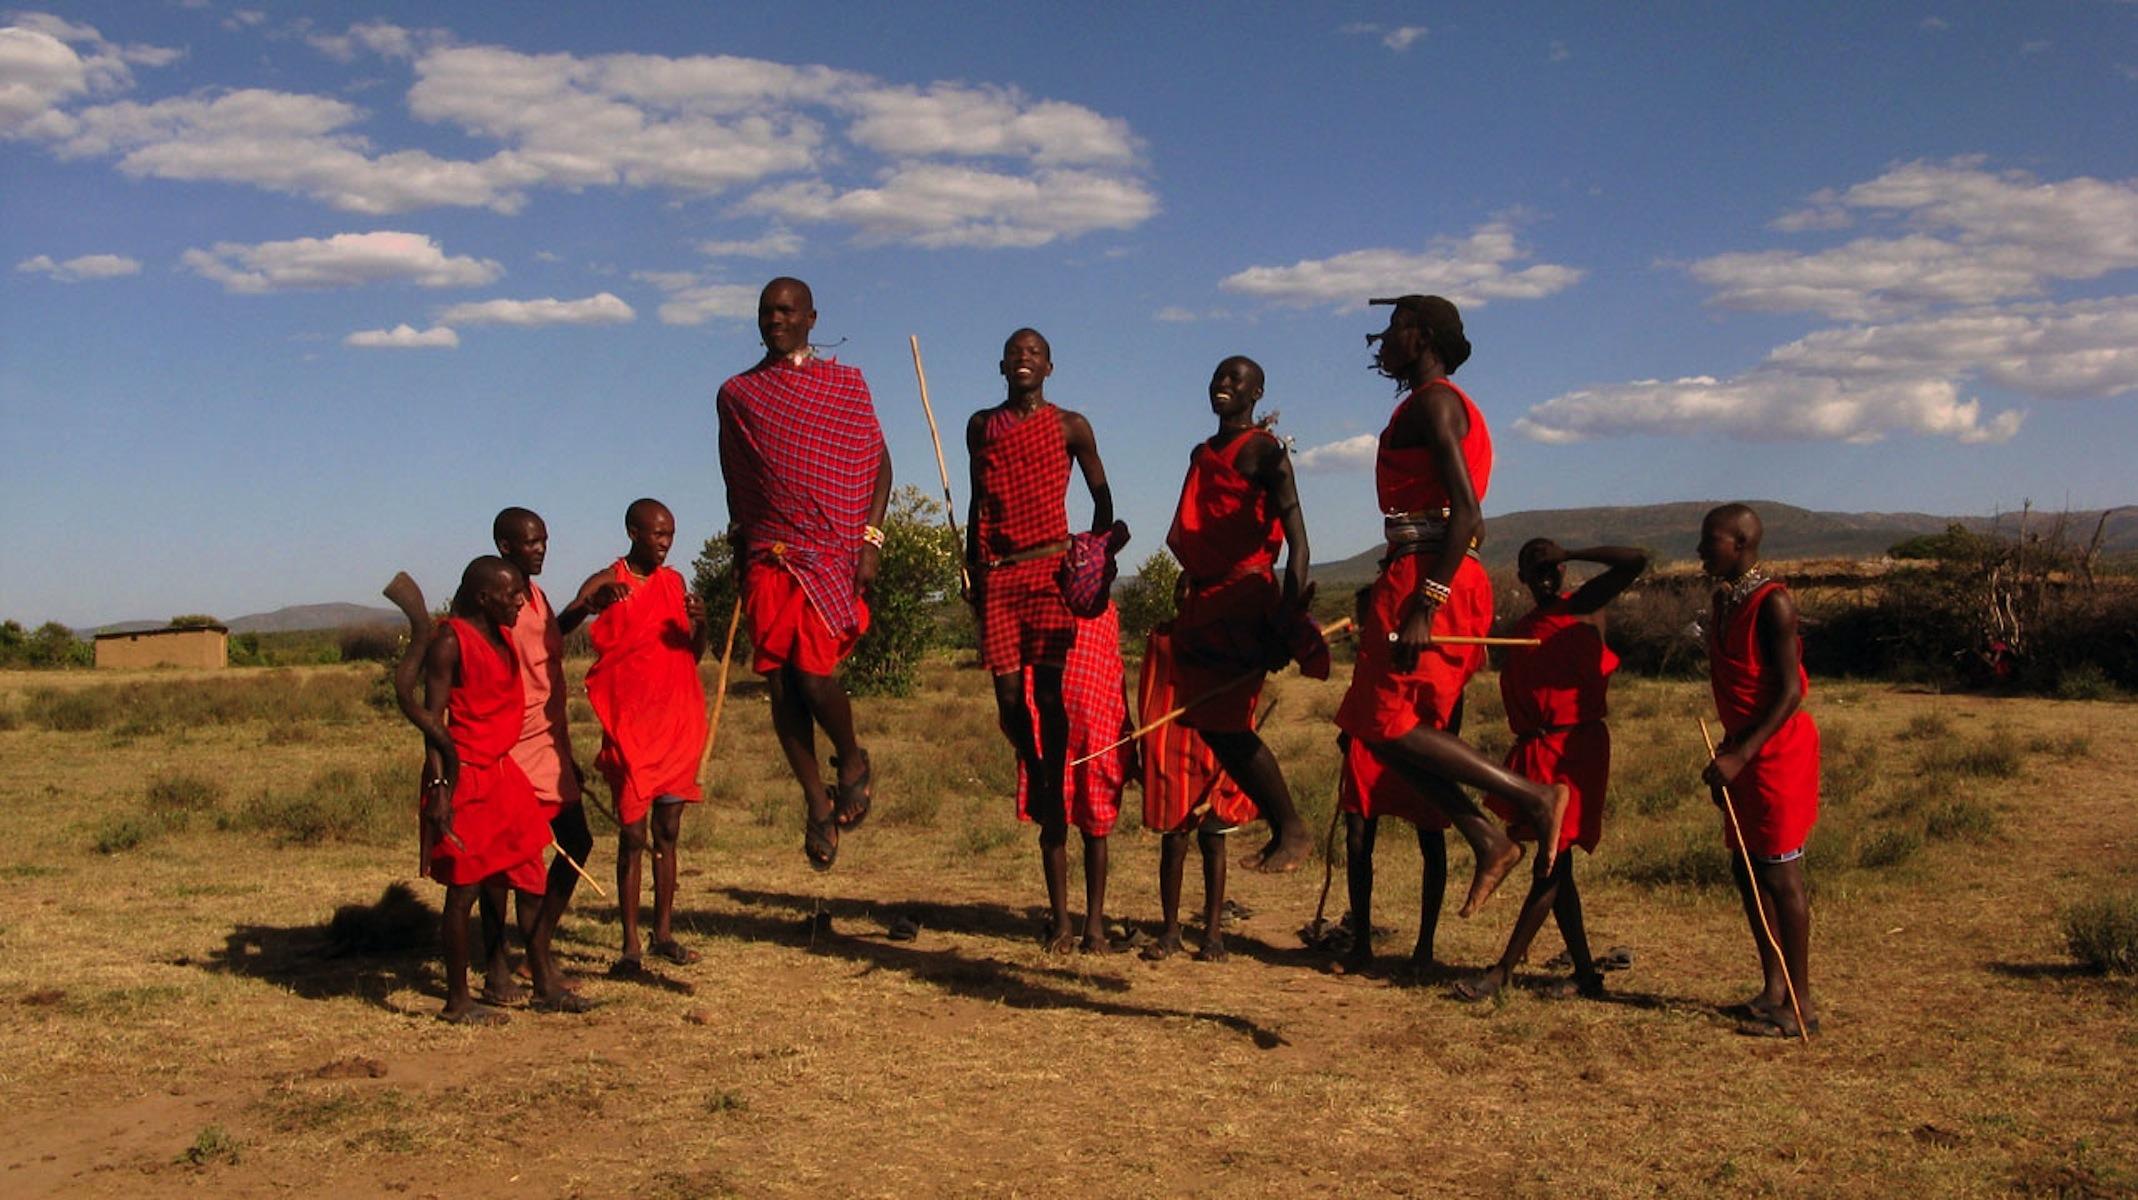 maasai tribe jumping